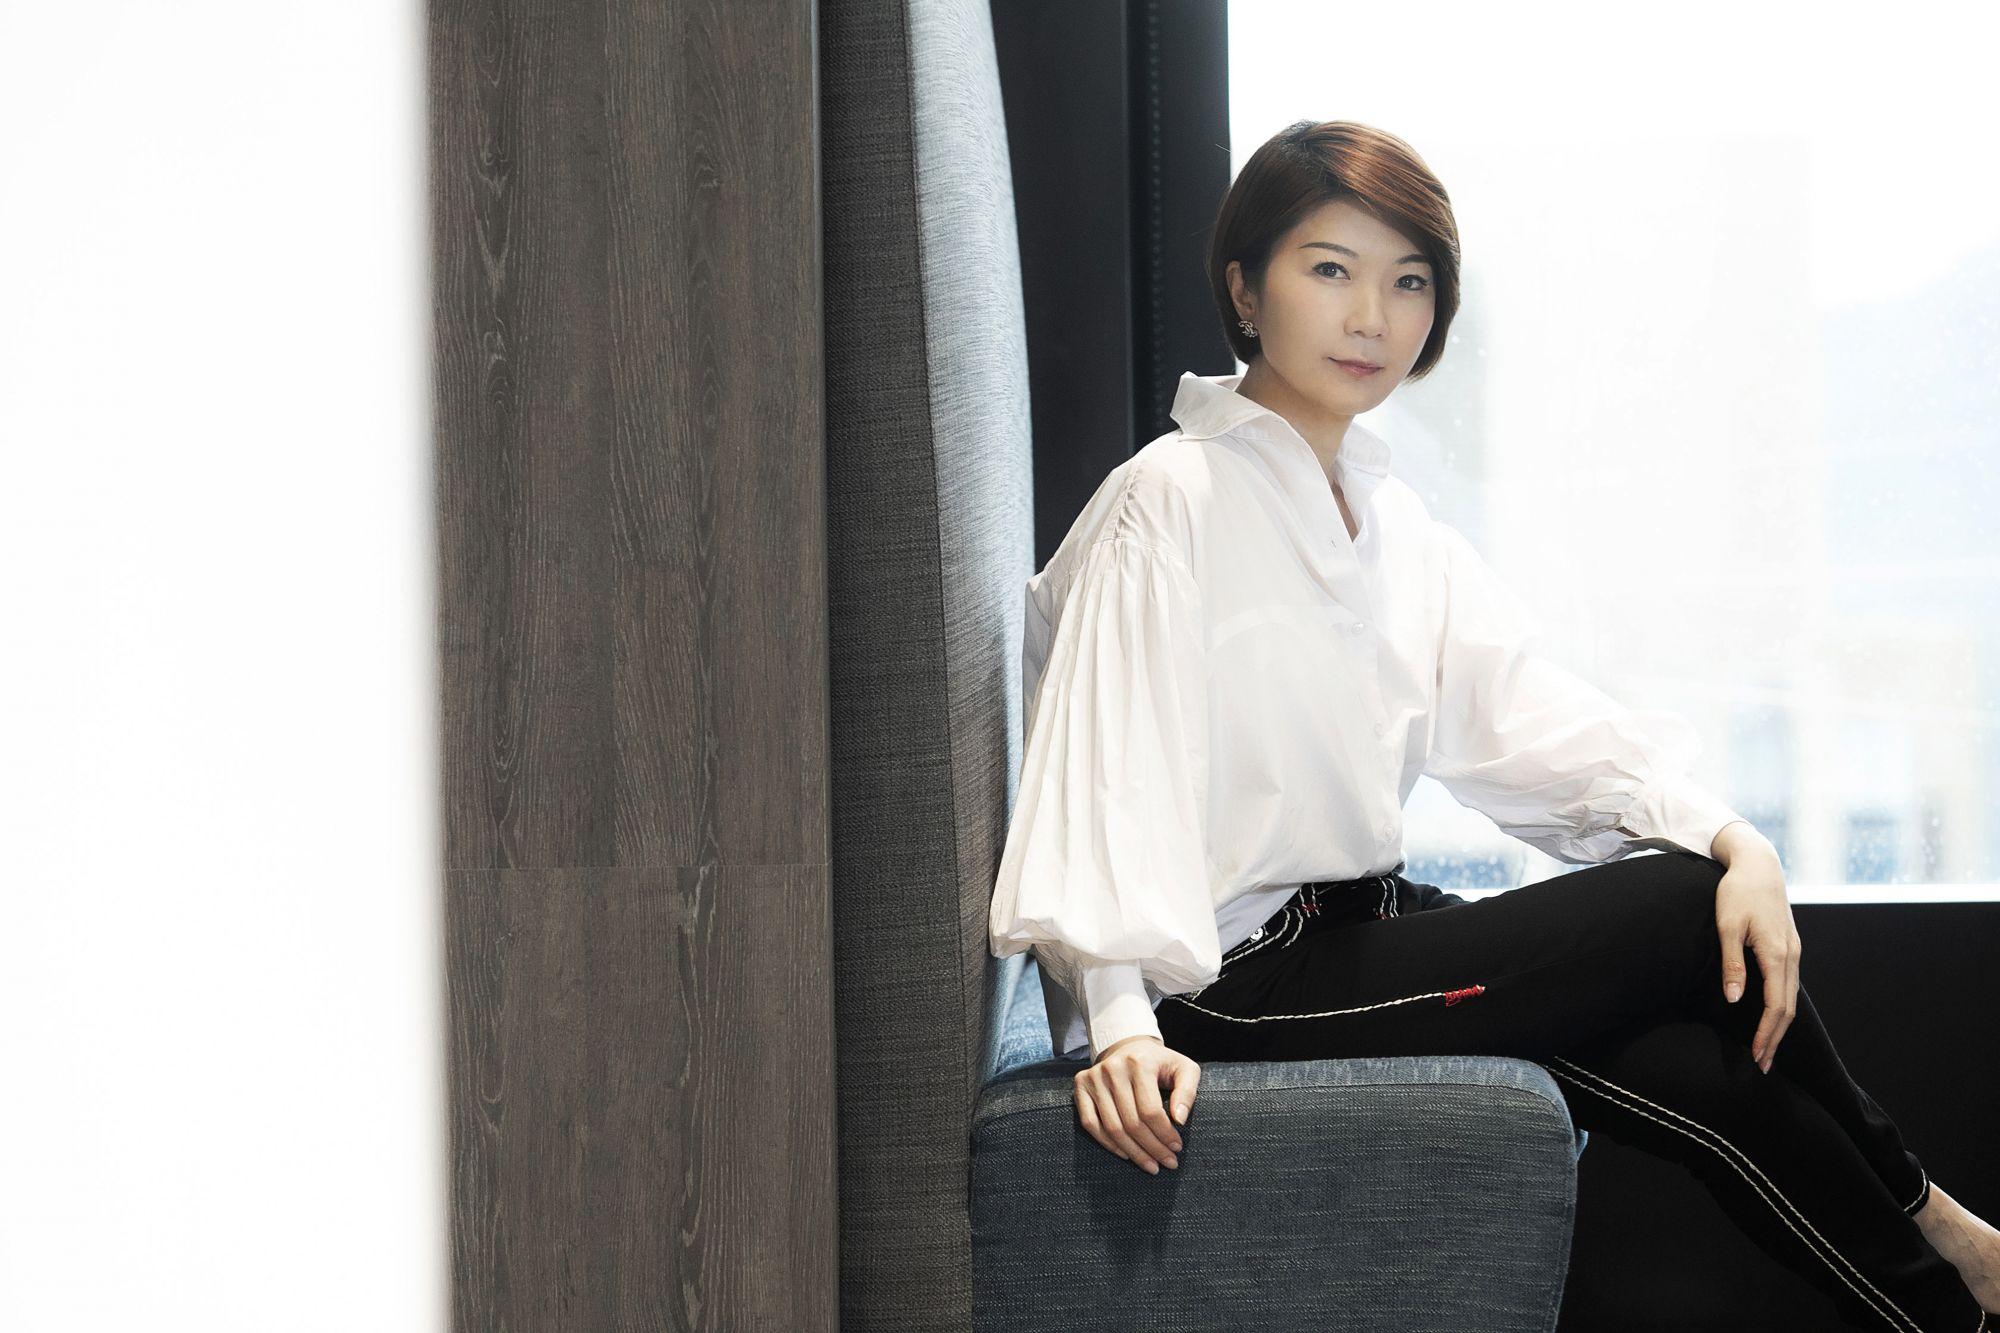 態度與企圖心決定人生與企業的高度!電通安吉斯集團台灣執行長唐心慧:「Aim Higher, Stay Ambitious!」魅力女性領導人的人生哲學大公開